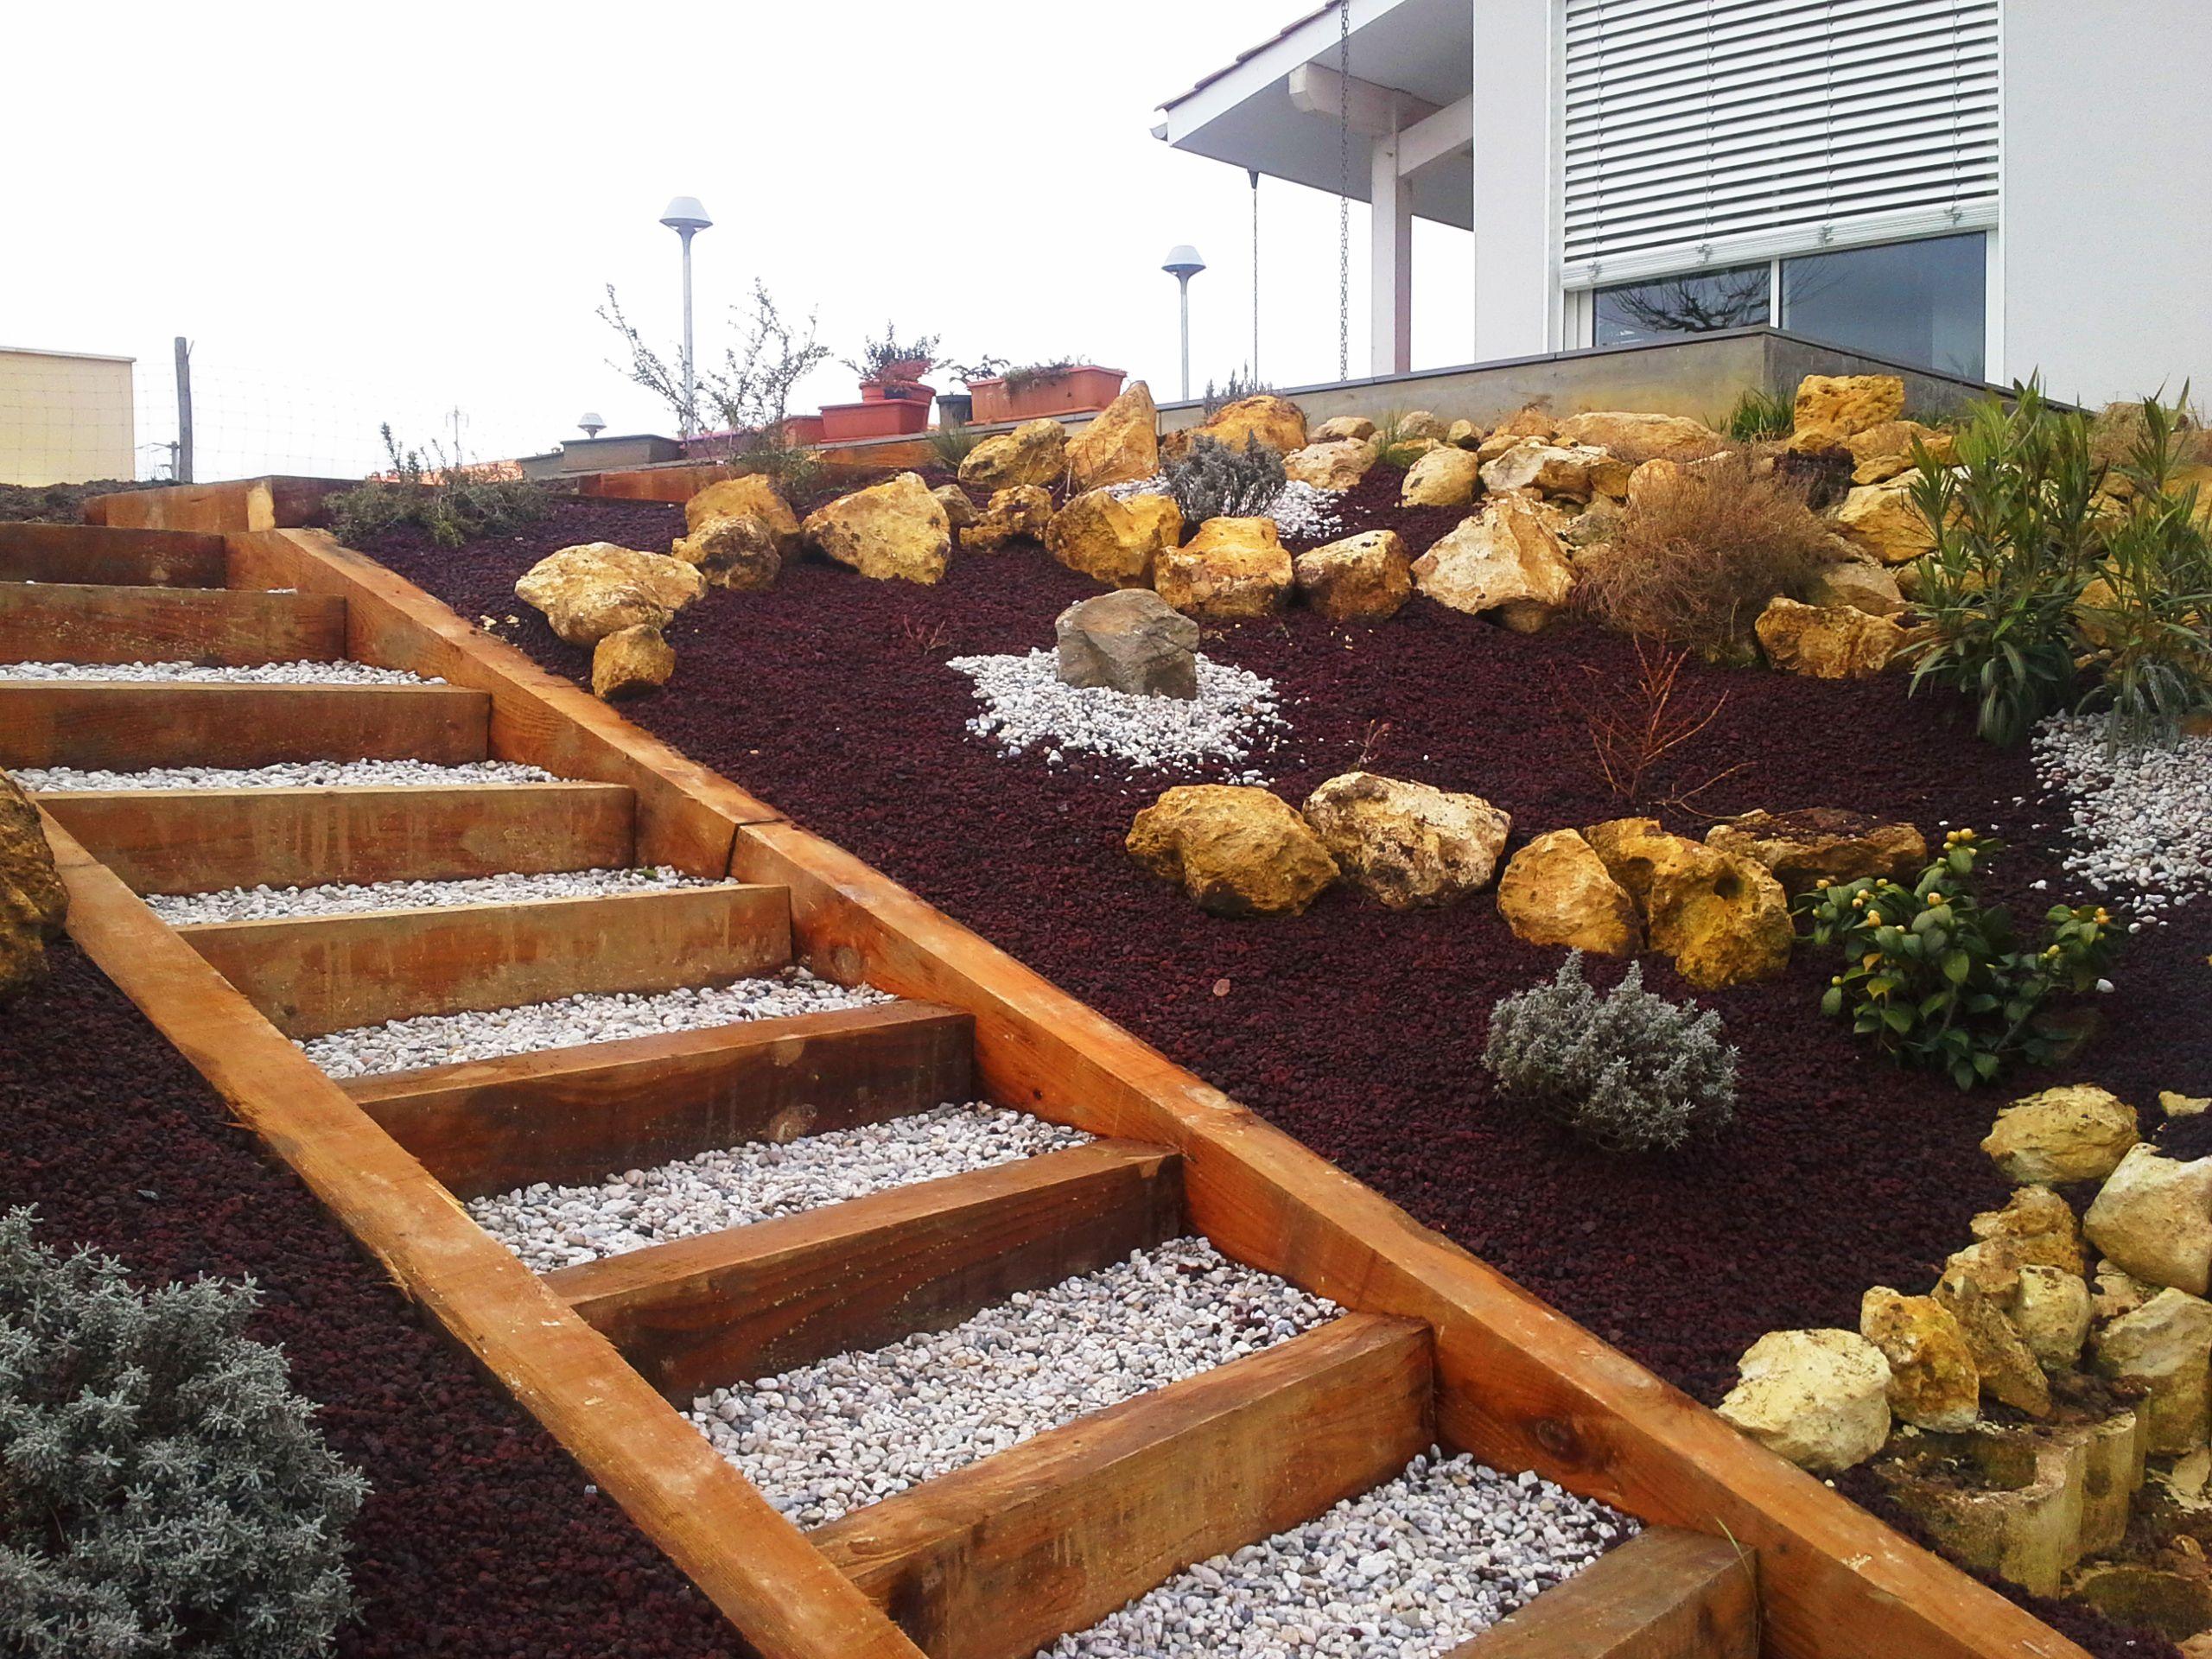 escalier bois et rocaille en pente. Les blocs calcaires permettent ...